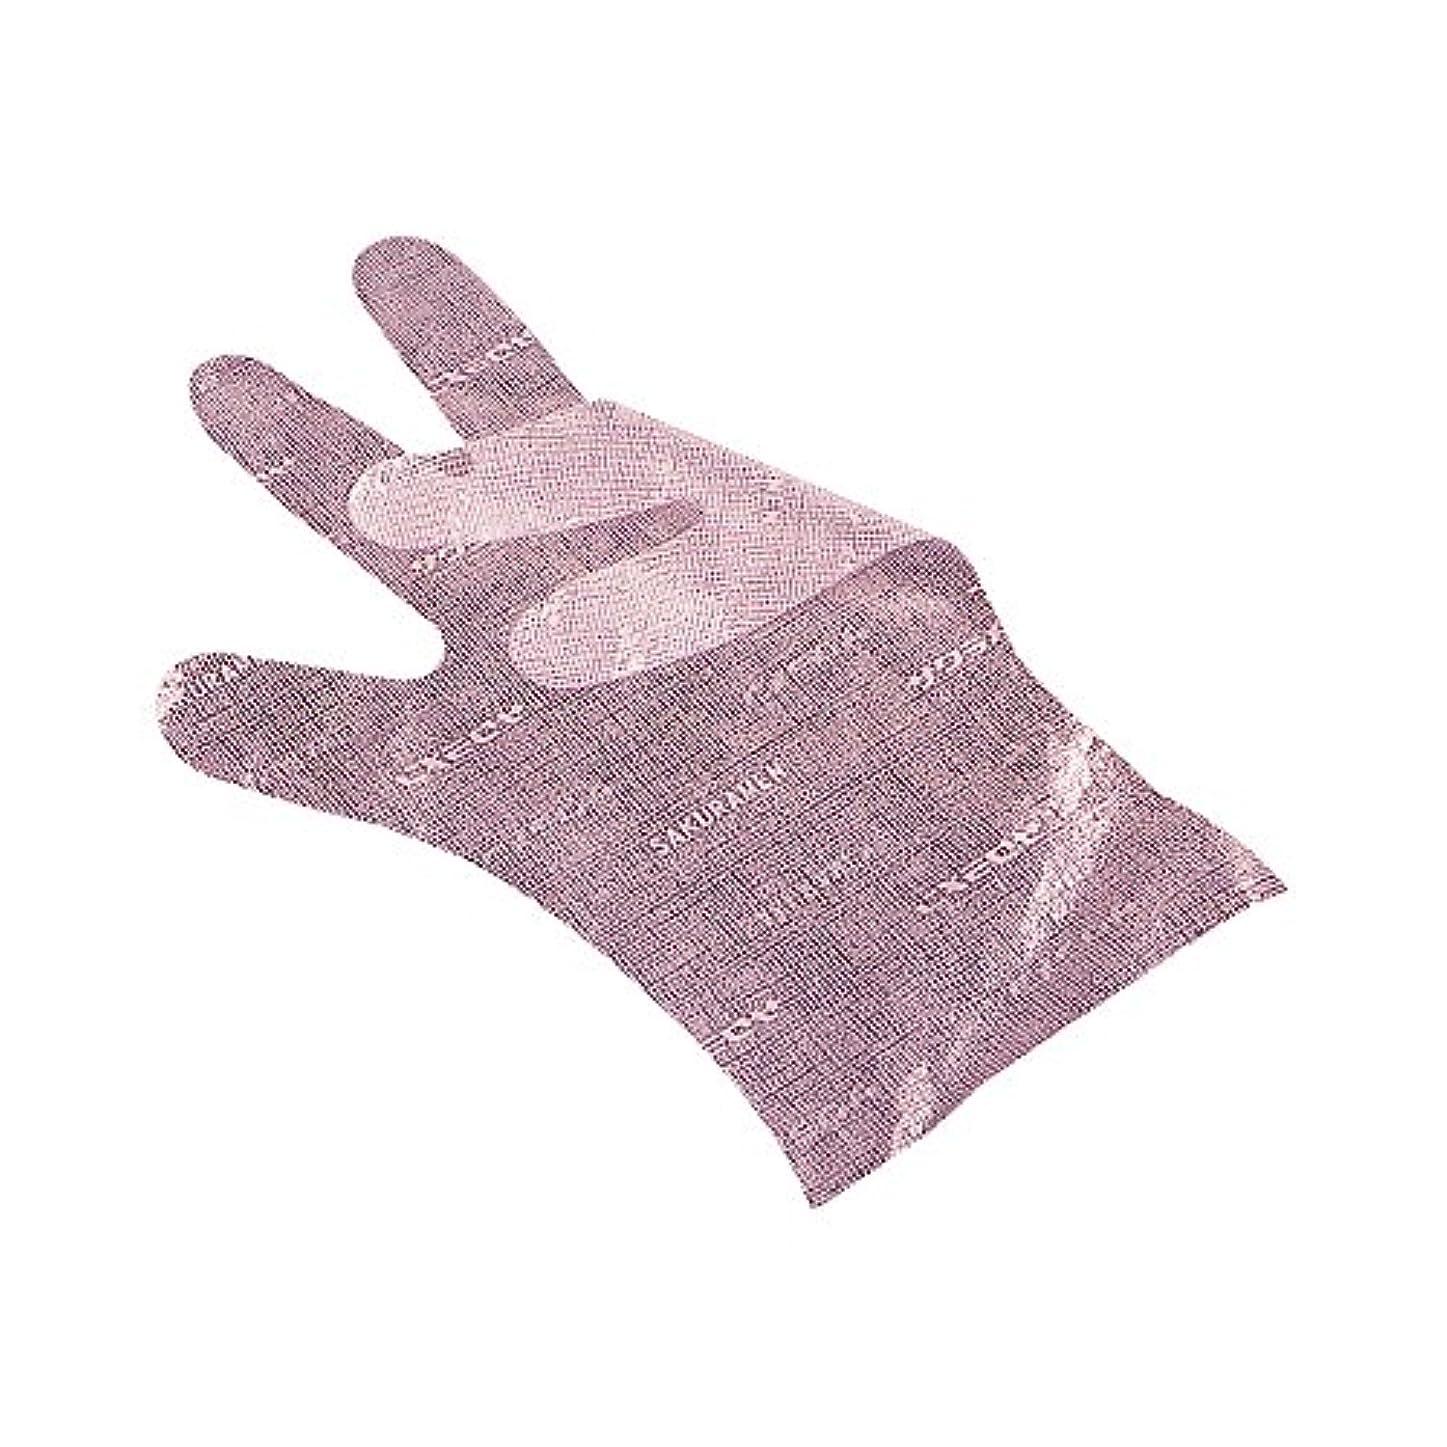 科学的フィット手伝うサクラメンエンボス手袋 デラックス ピンク M 100枚入